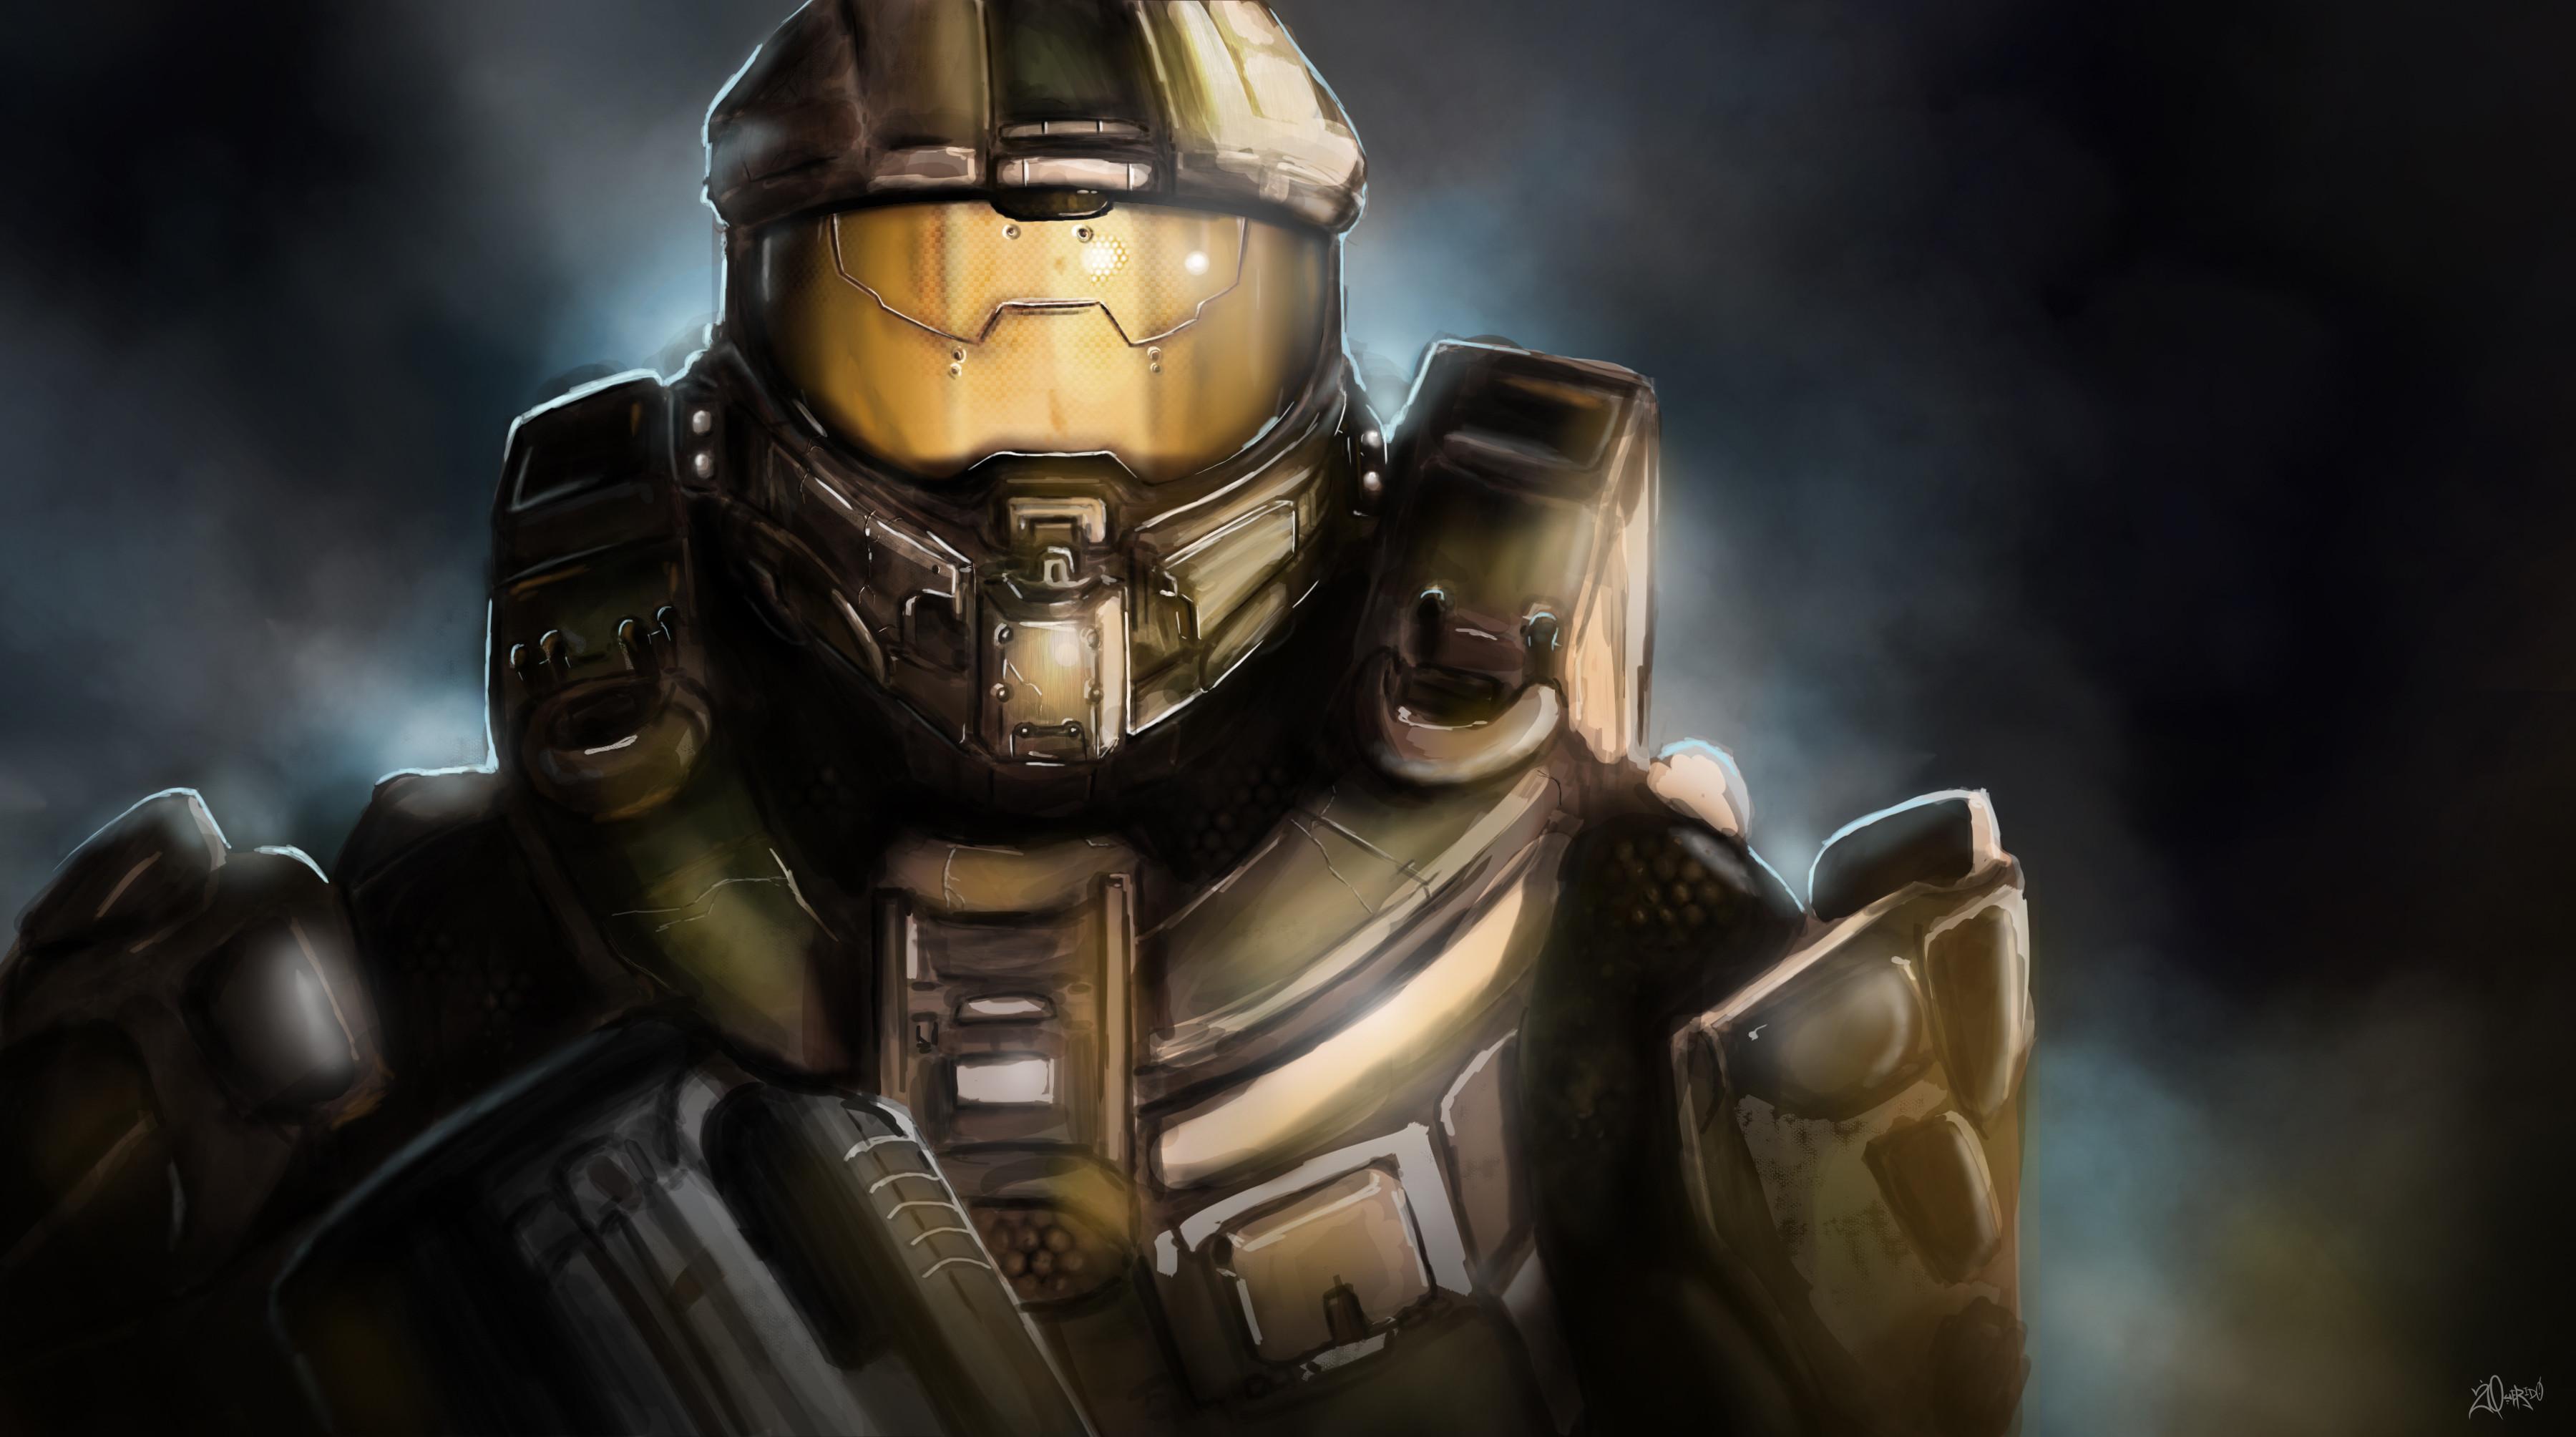 Halo 4 Spartan Wallpaper Hd